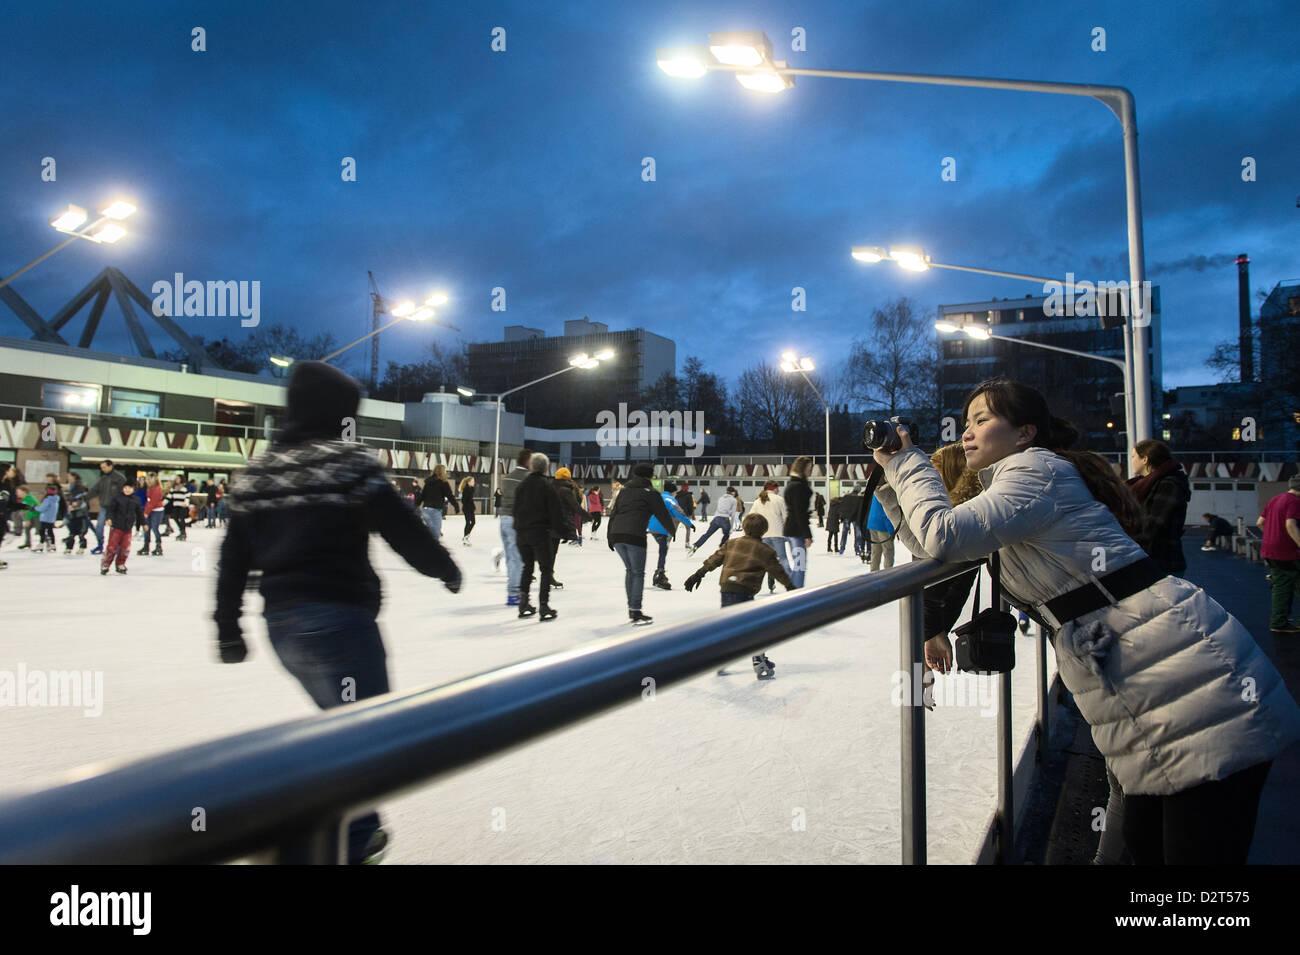 Berlino, Germania, pista per pattinaggio su ghiaccio in Erika Hess Wedding Immagini Stock